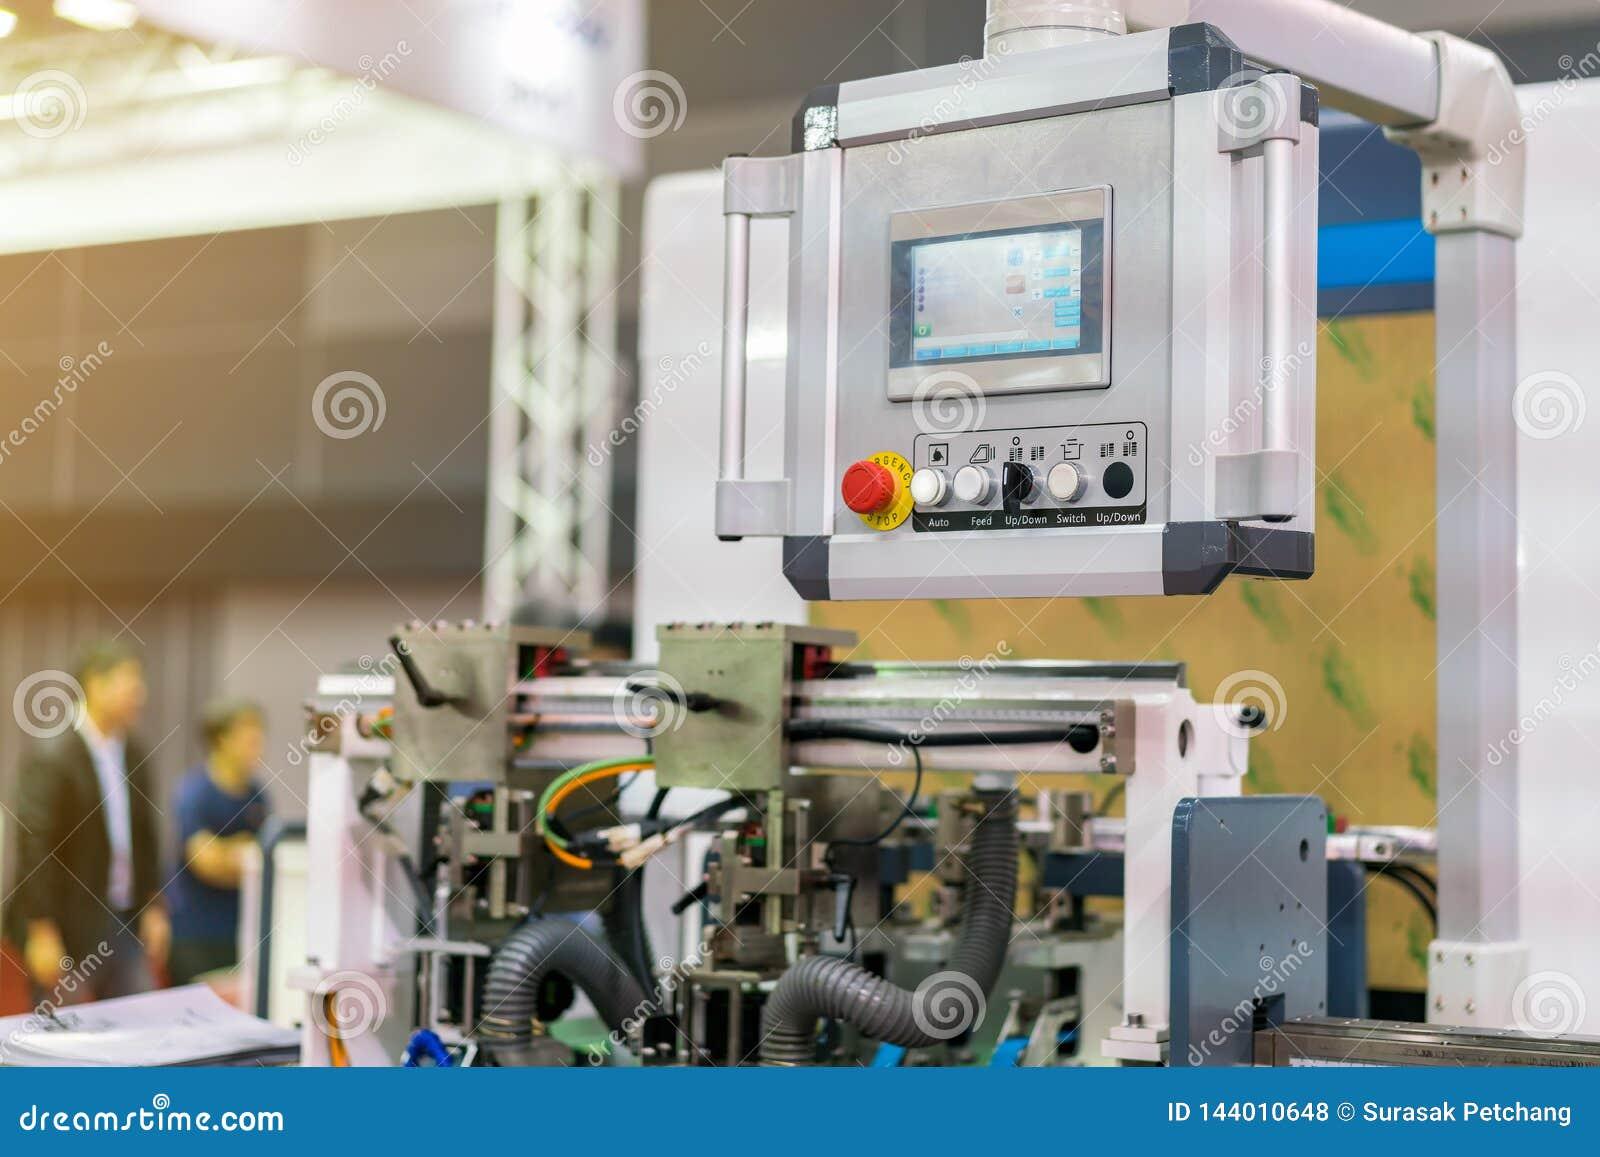 Controlebord van modern en geavanceerd technisch van automatische publicatie of drukmachine